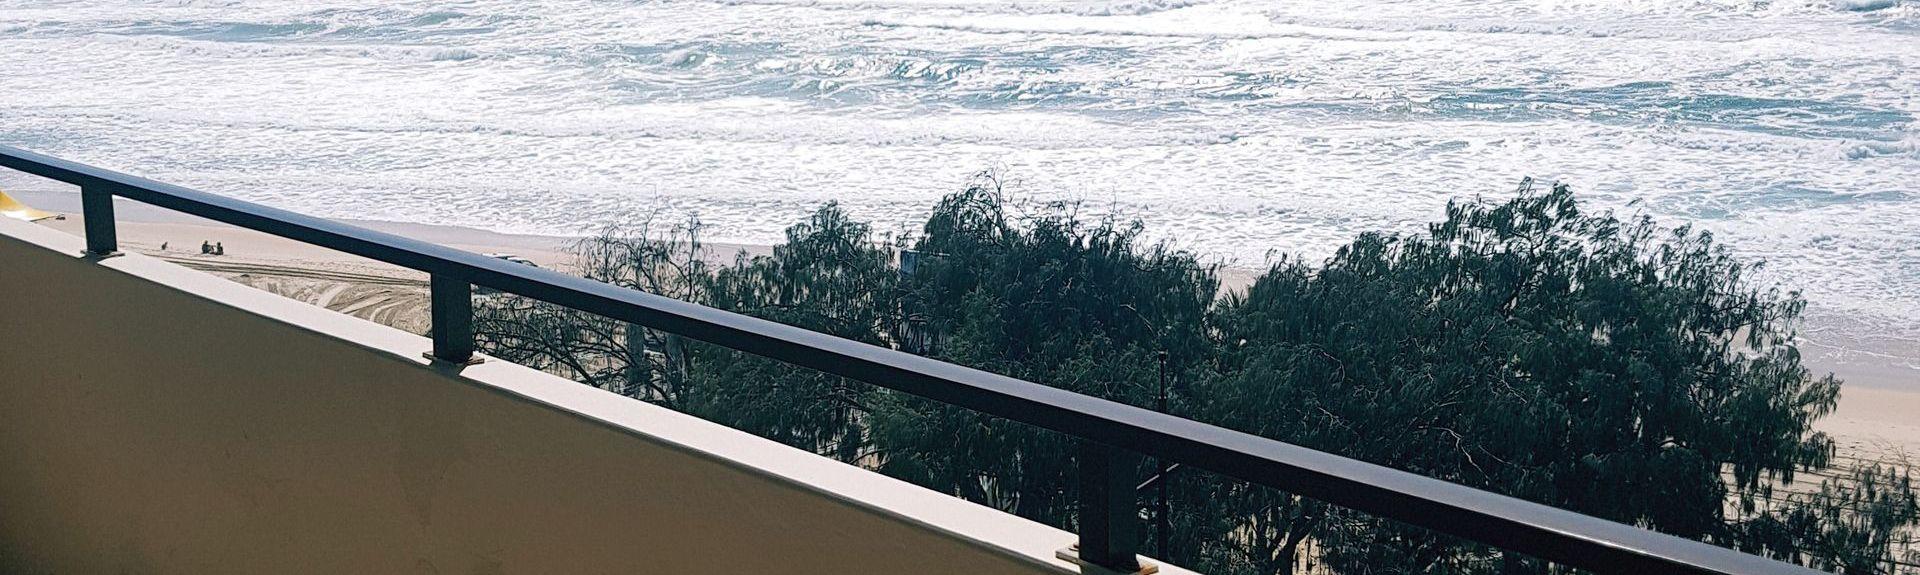 Mermaid Beach QLD, Australia